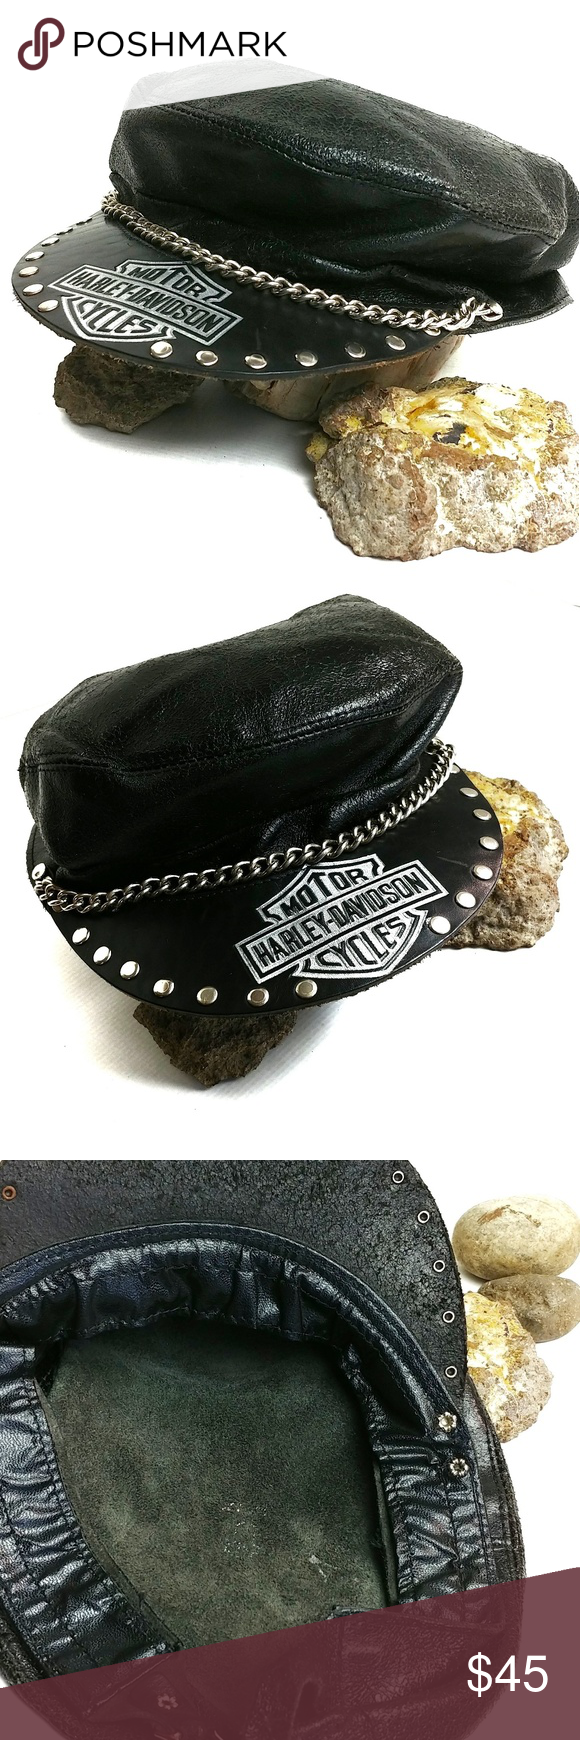 Harley Davidson Vintage Captains Hat Leather This vintage